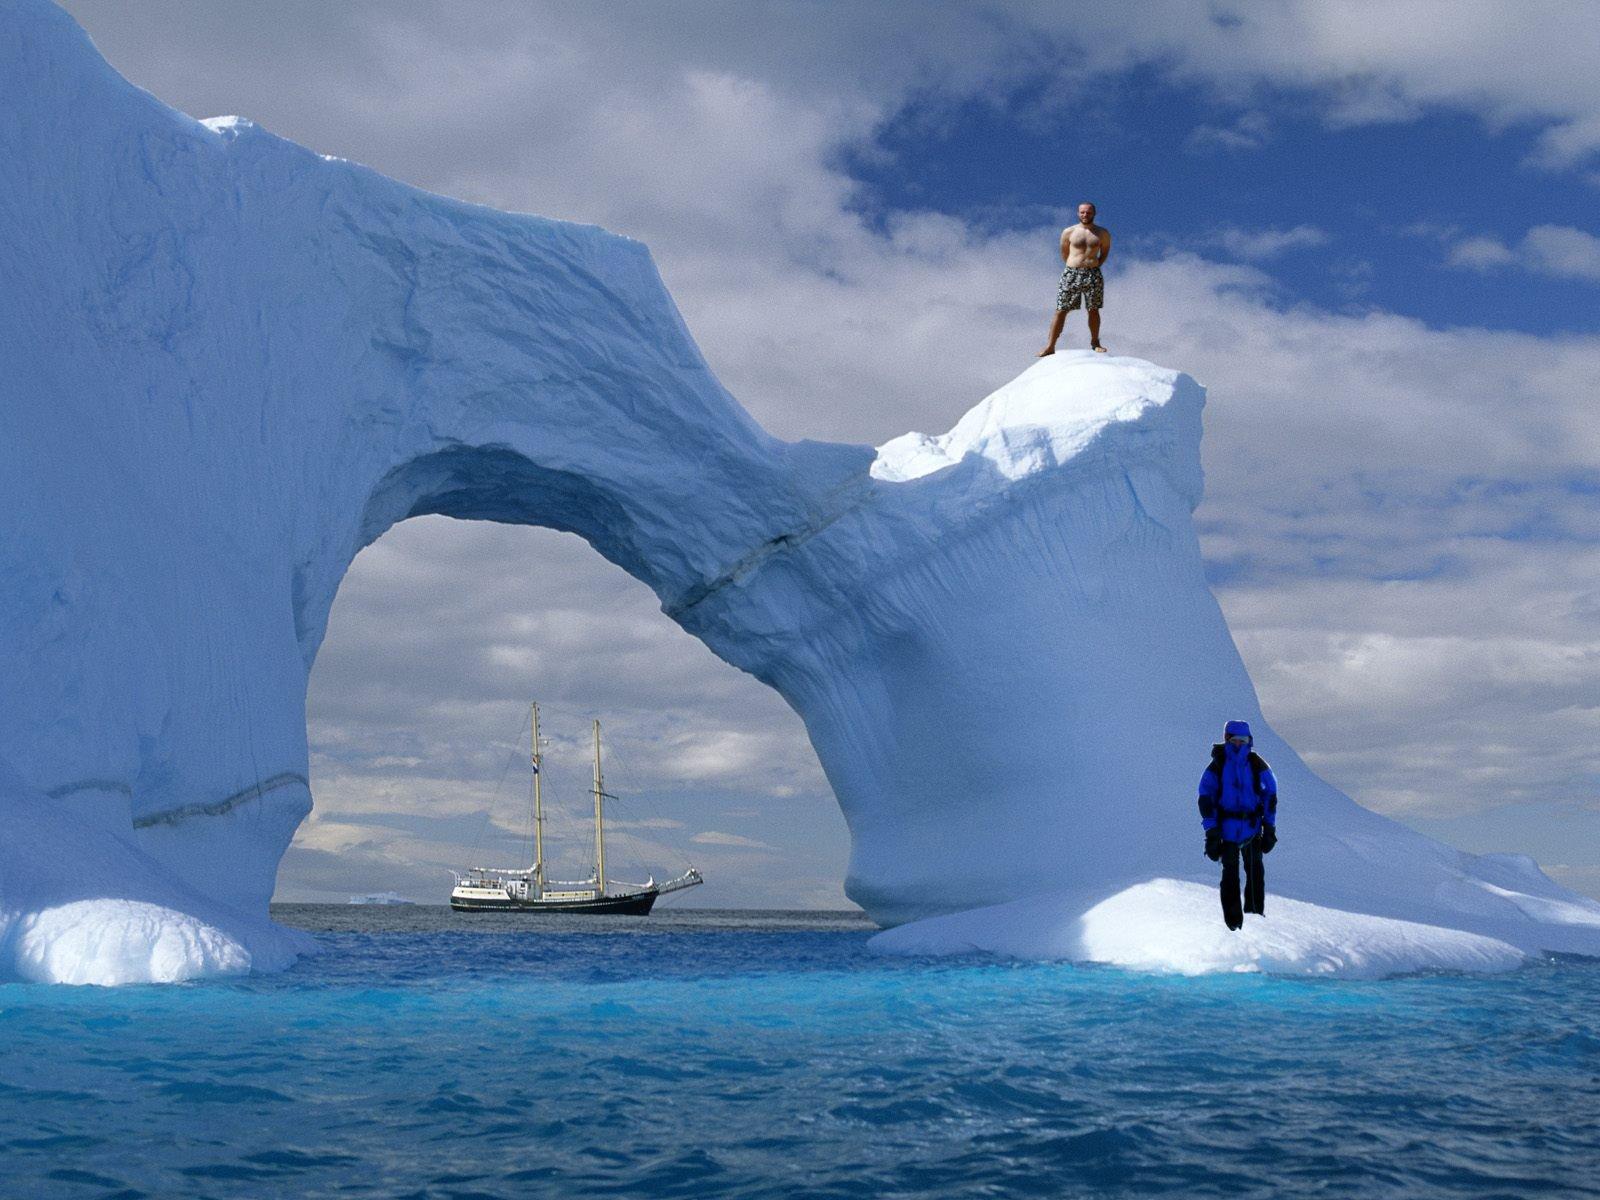 http://2.bp.blogspot.com/-DUraTqkr9MM/Tsyqmg-uqxI/AAAAAAAAAuE/NF-srX5LQ-A/s1600/antarktis-segeln-wallpapers_9694_1600x1200.jpg